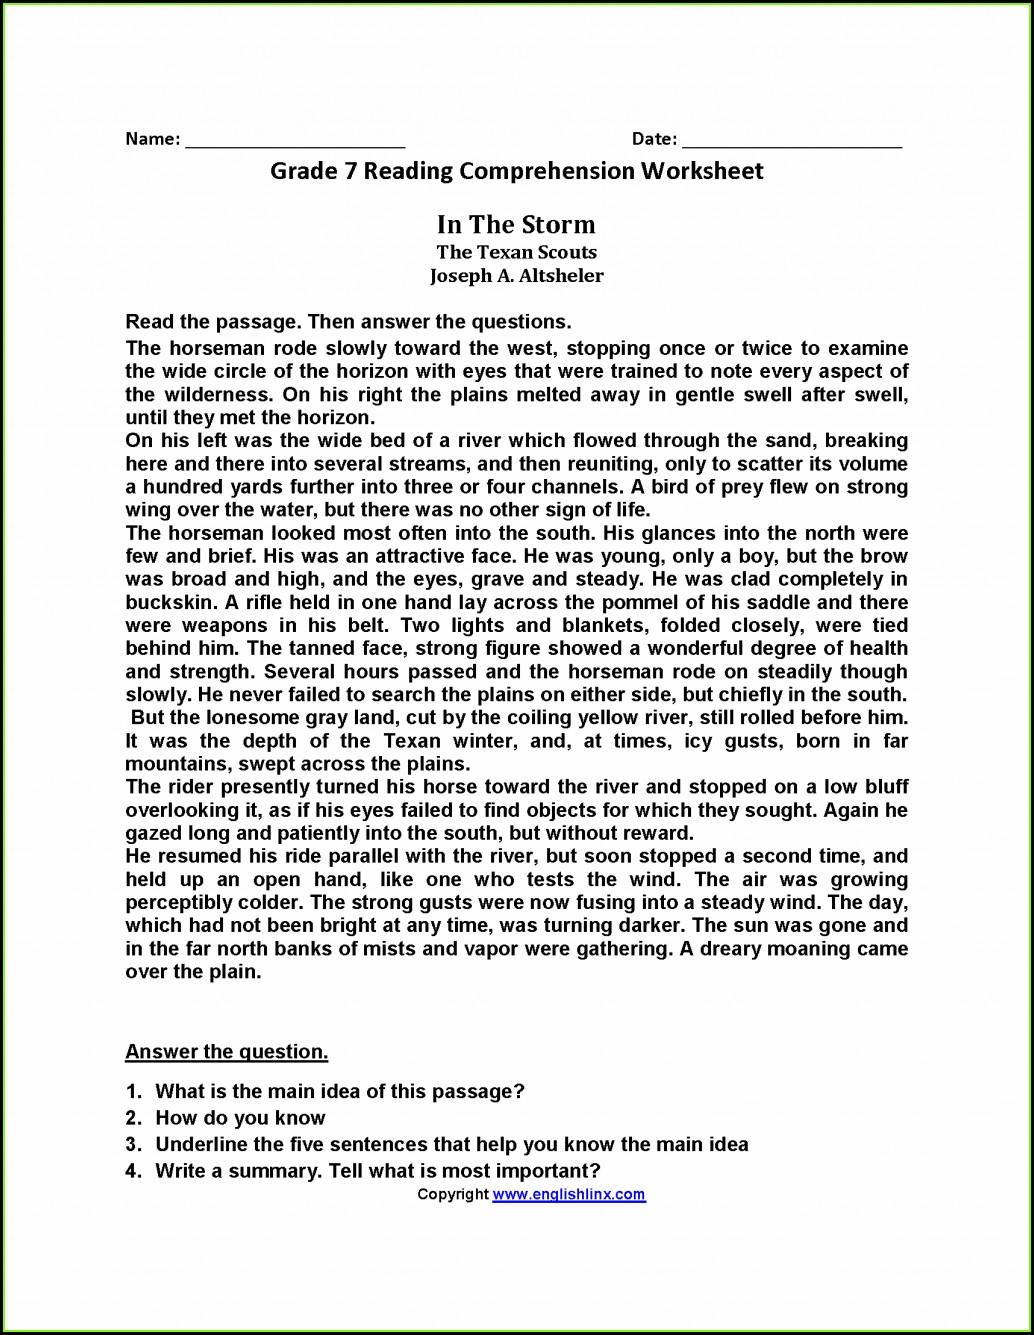 Reading Comprehension Worksheet Doc